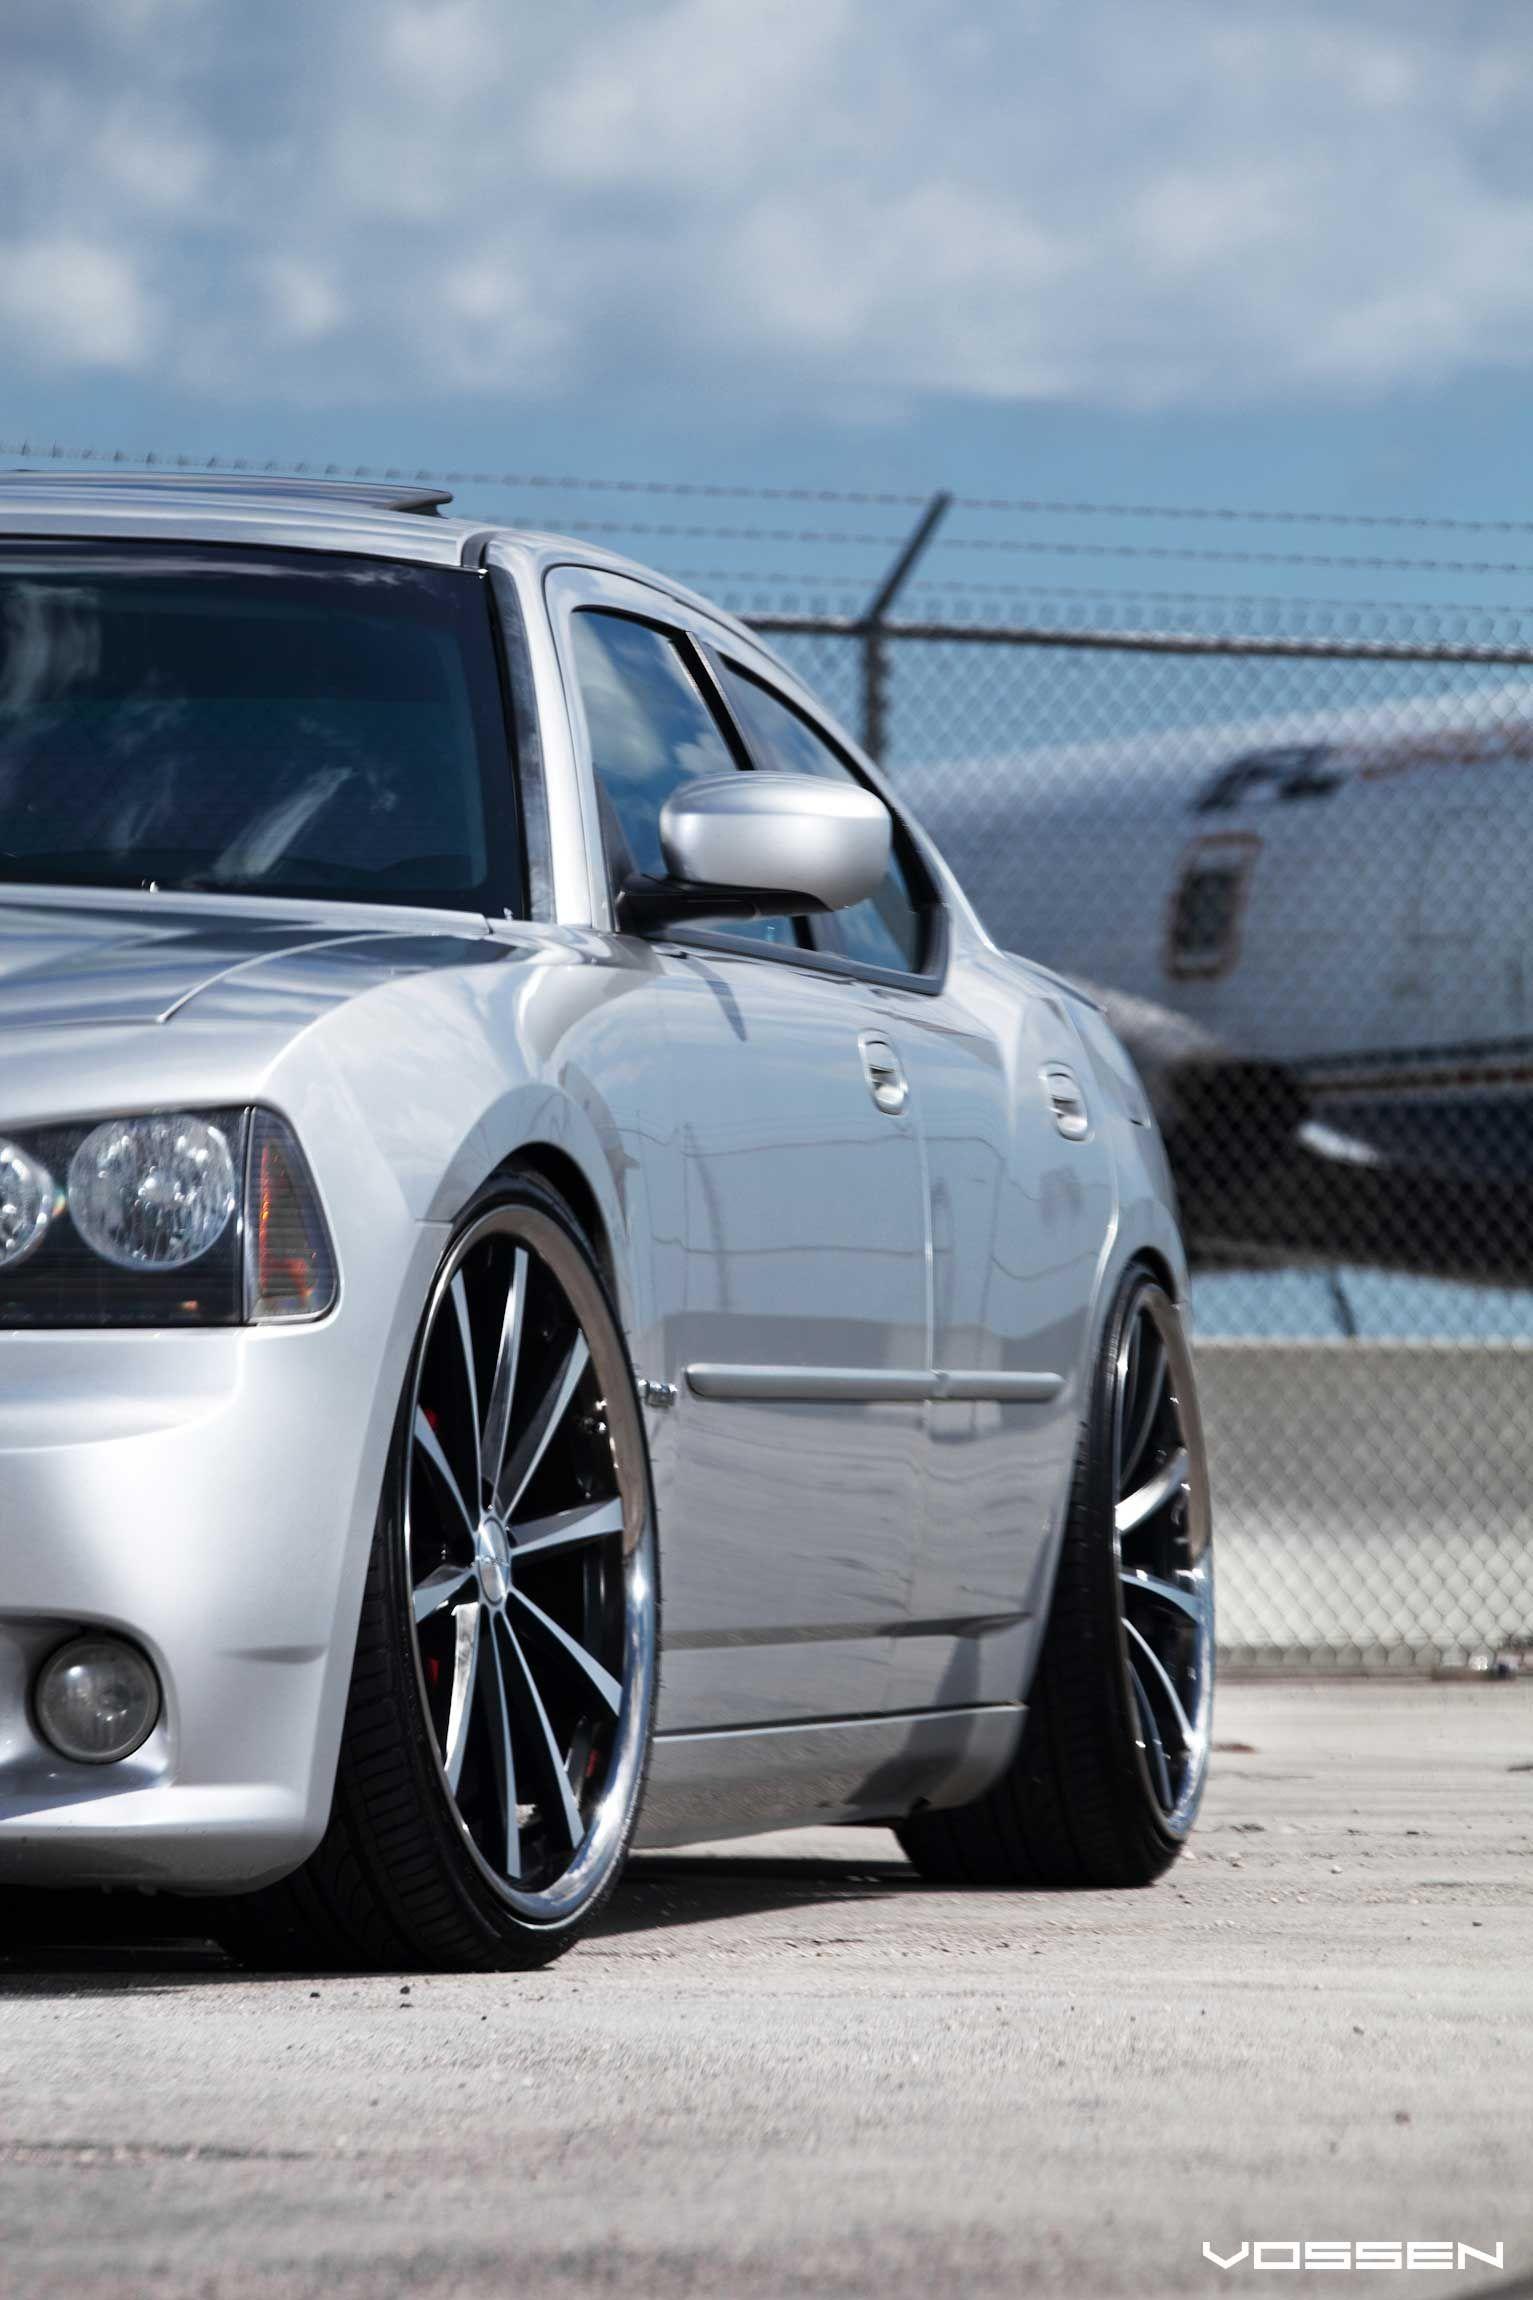 Charger Srt8: Dodge Charger Srt8, Dodge